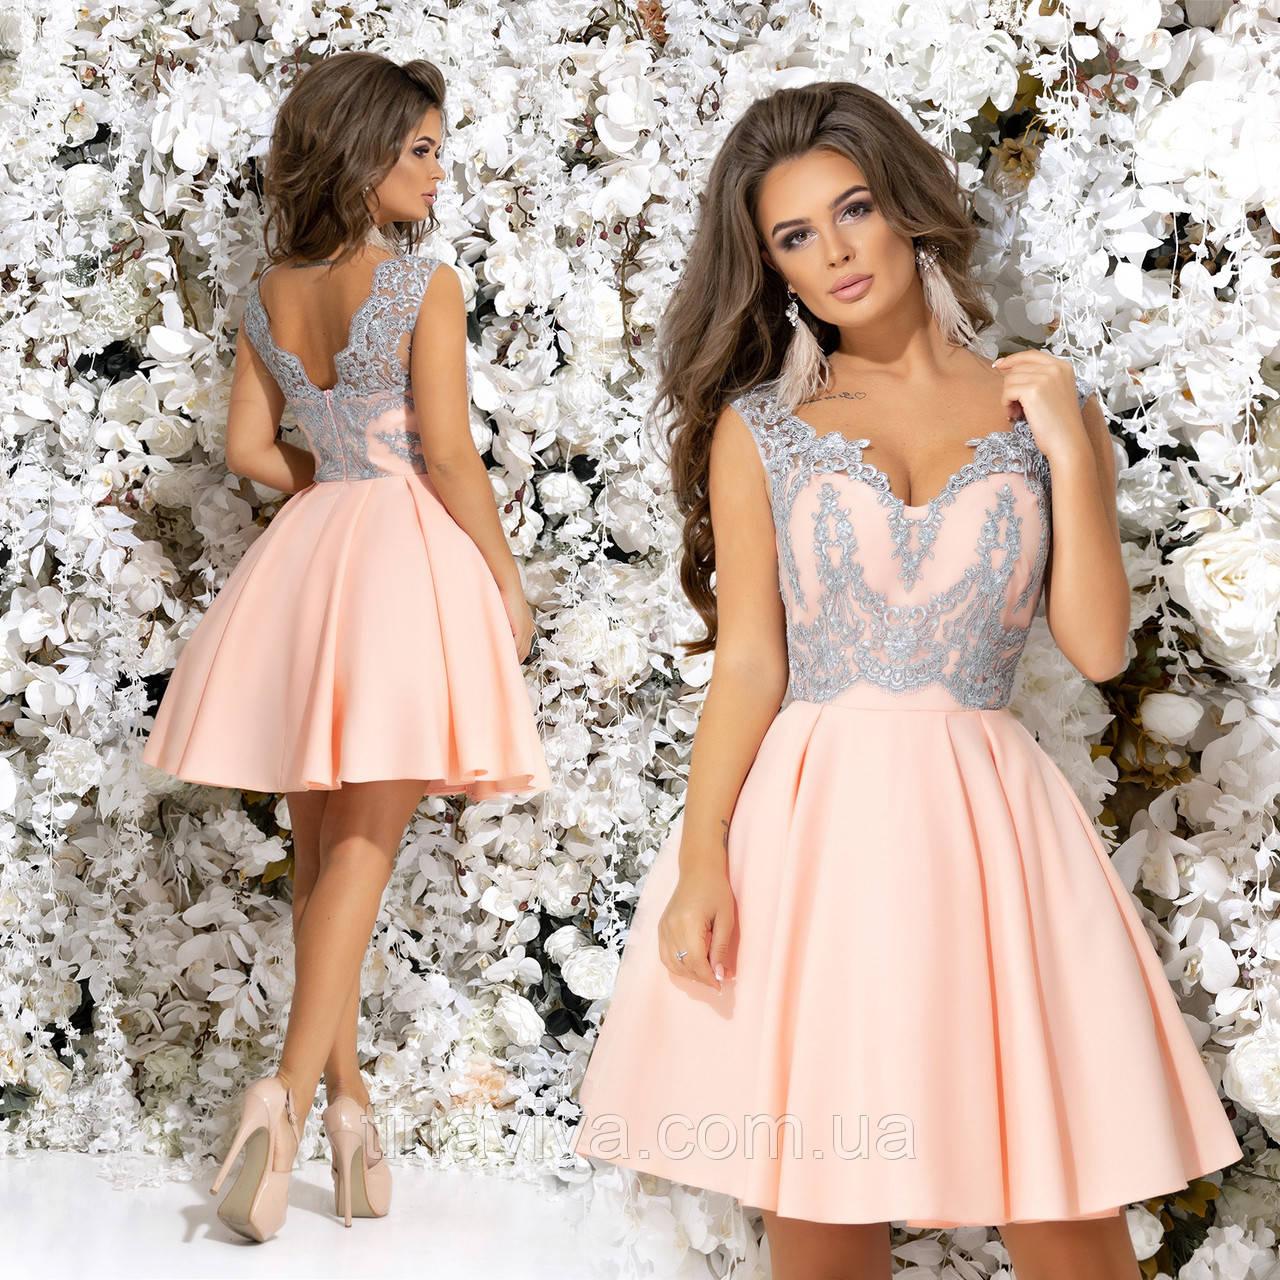 9dca3fa761d Женское нарядное платье с кружевом и пышной юбкой